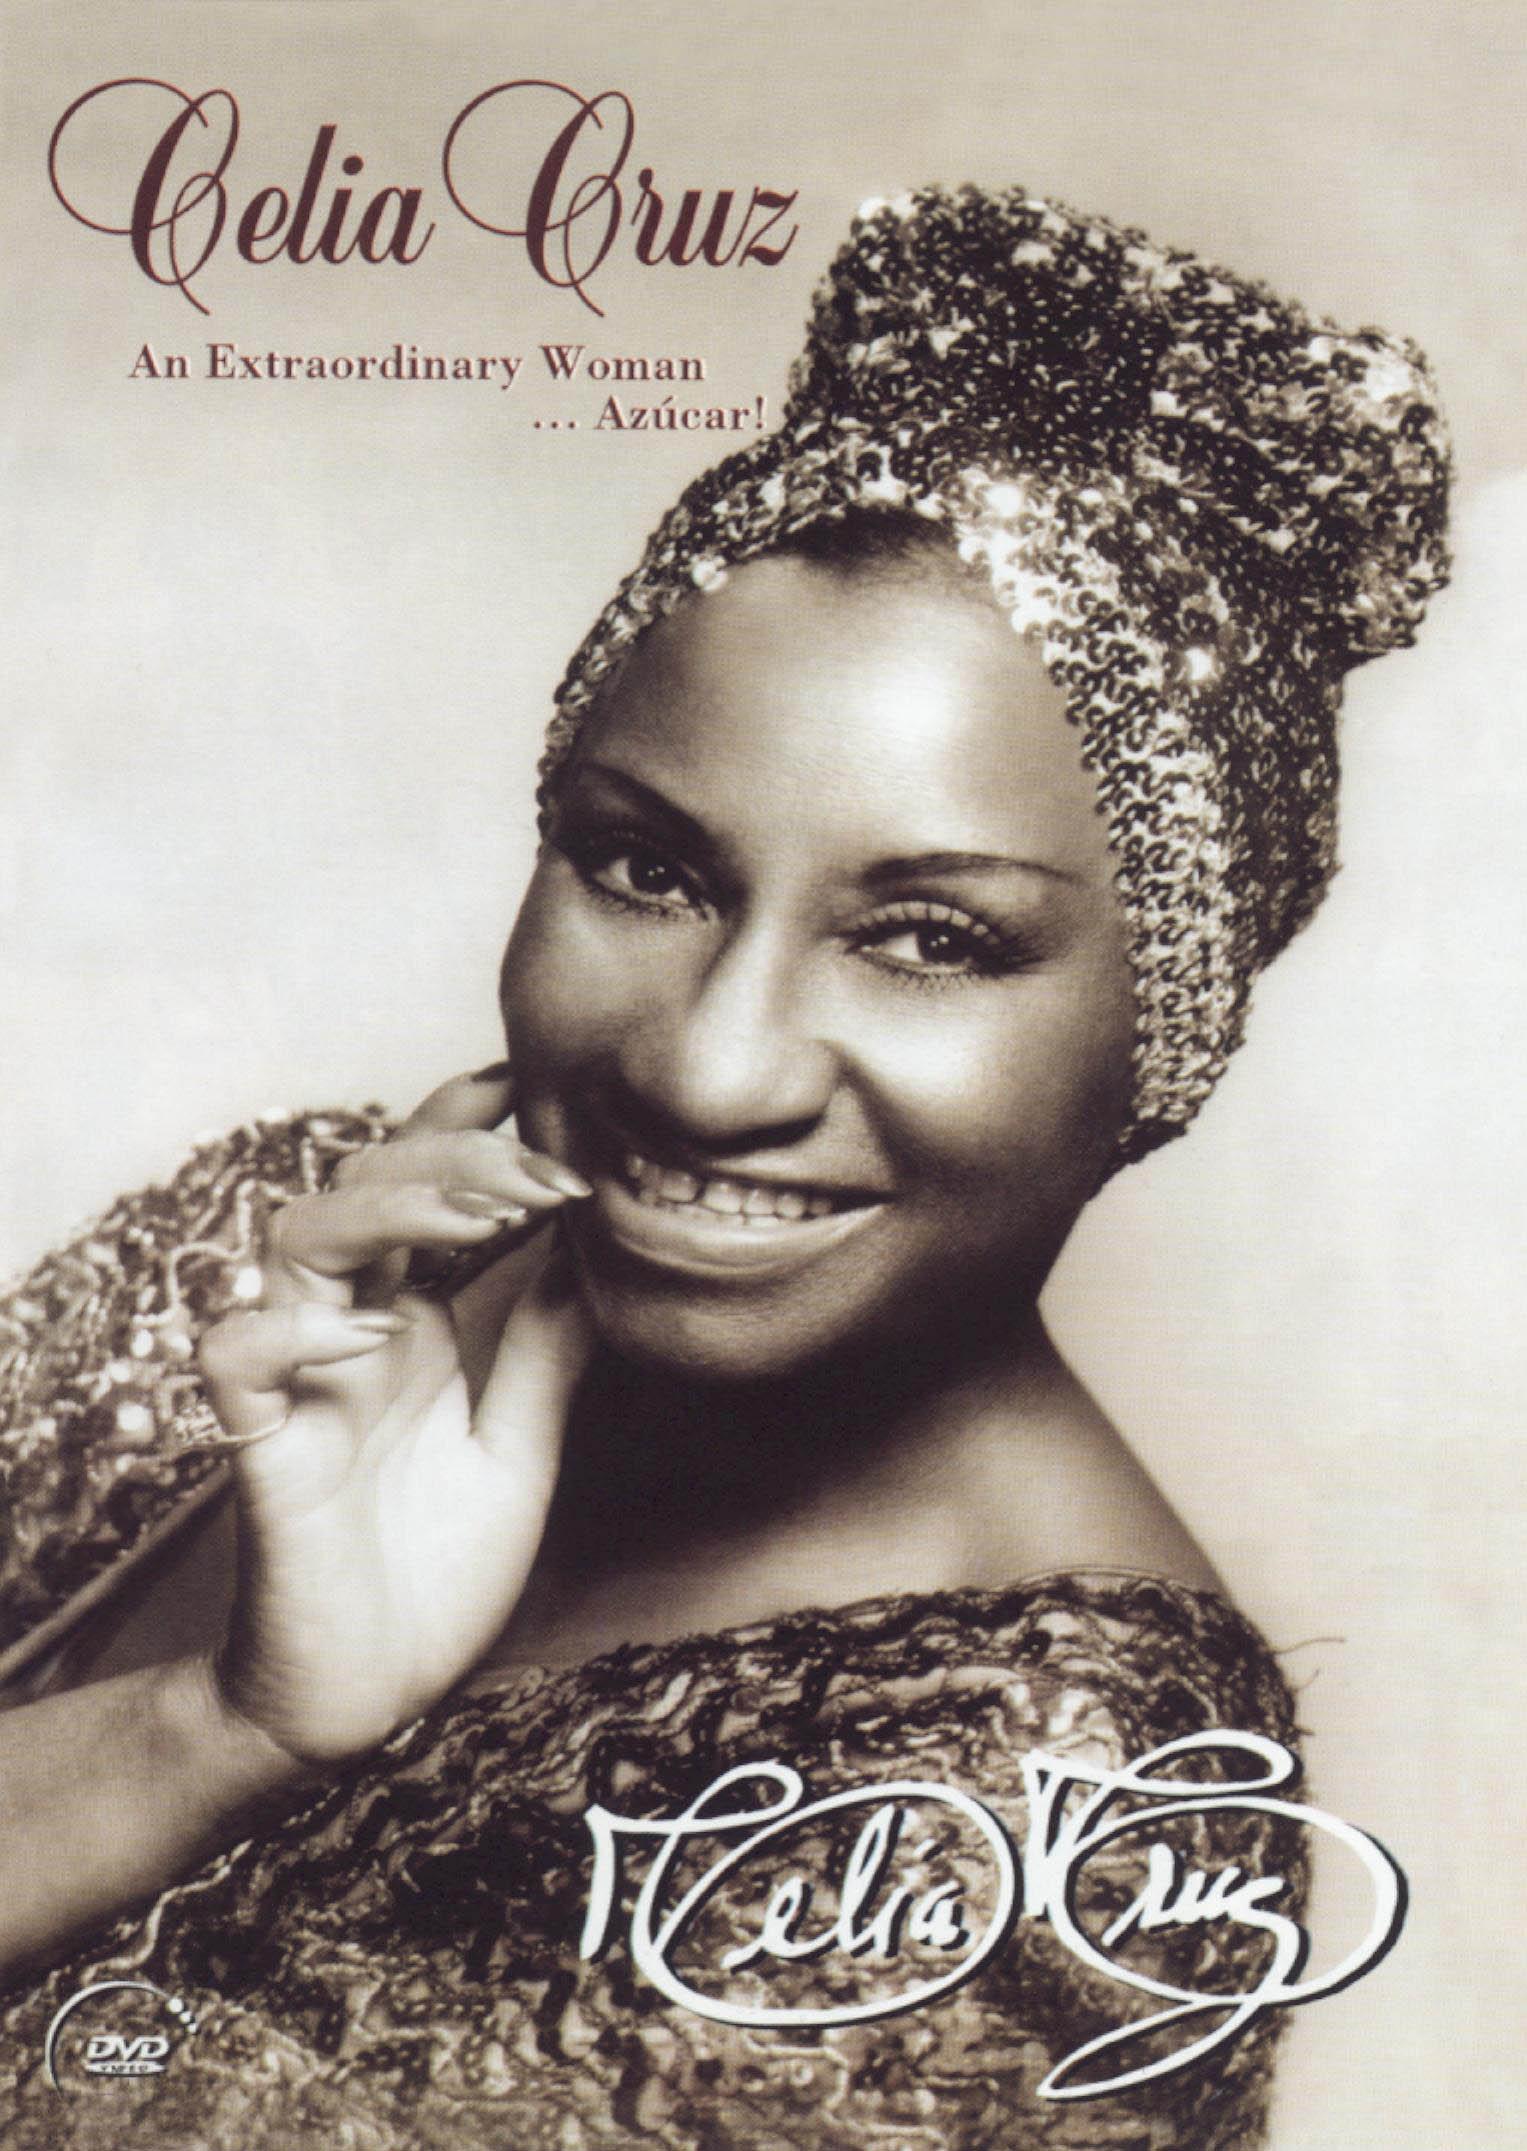 Celia Cruz: An Extraordinary Woman... Con Azucar!